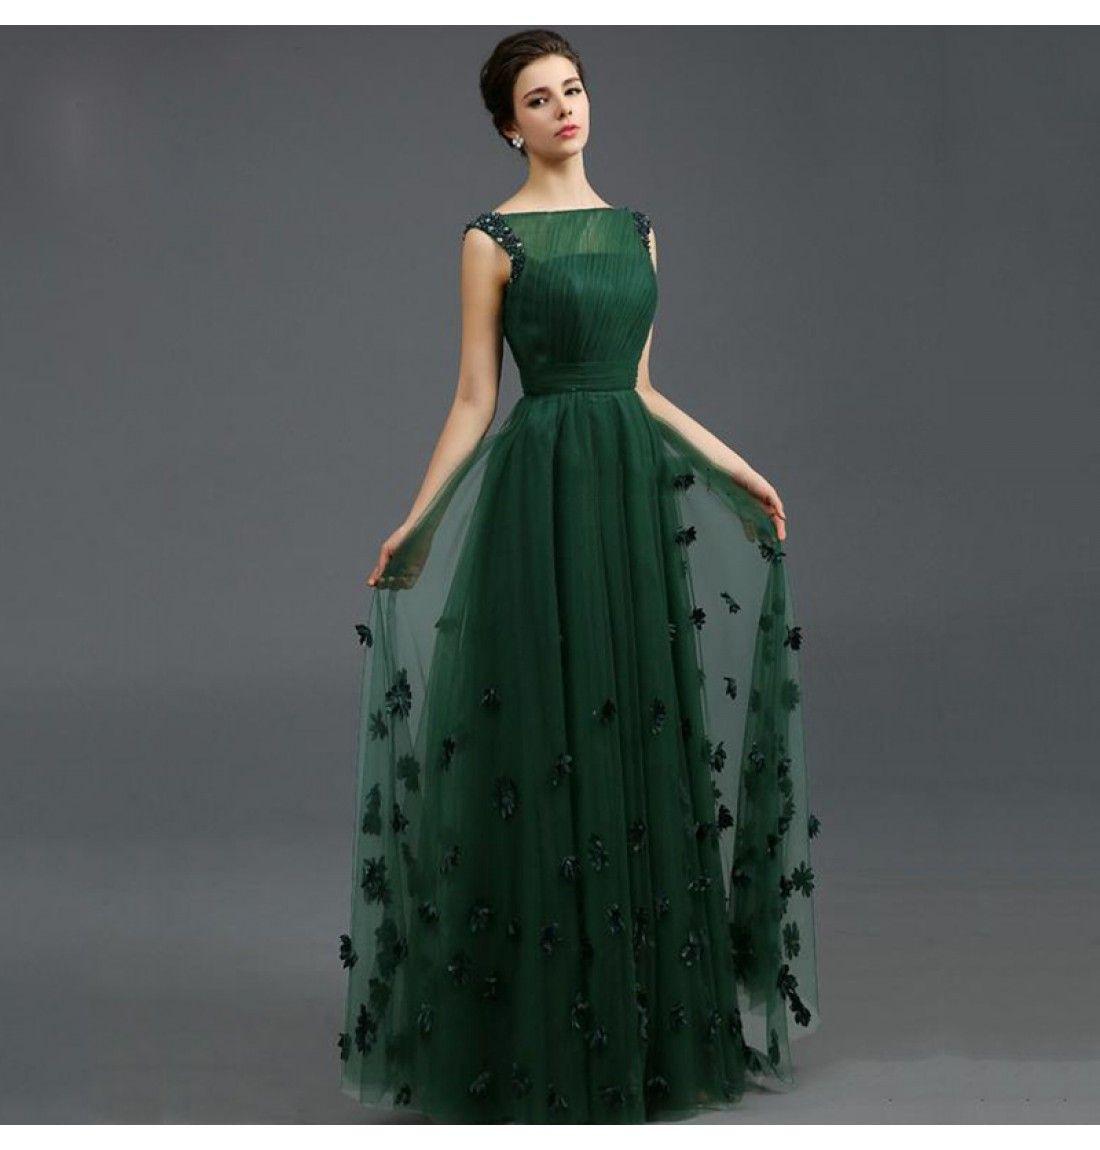 Schön Abendkleid In Grün StylishAbend Fantastisch Abendkleid In Grün Stylish